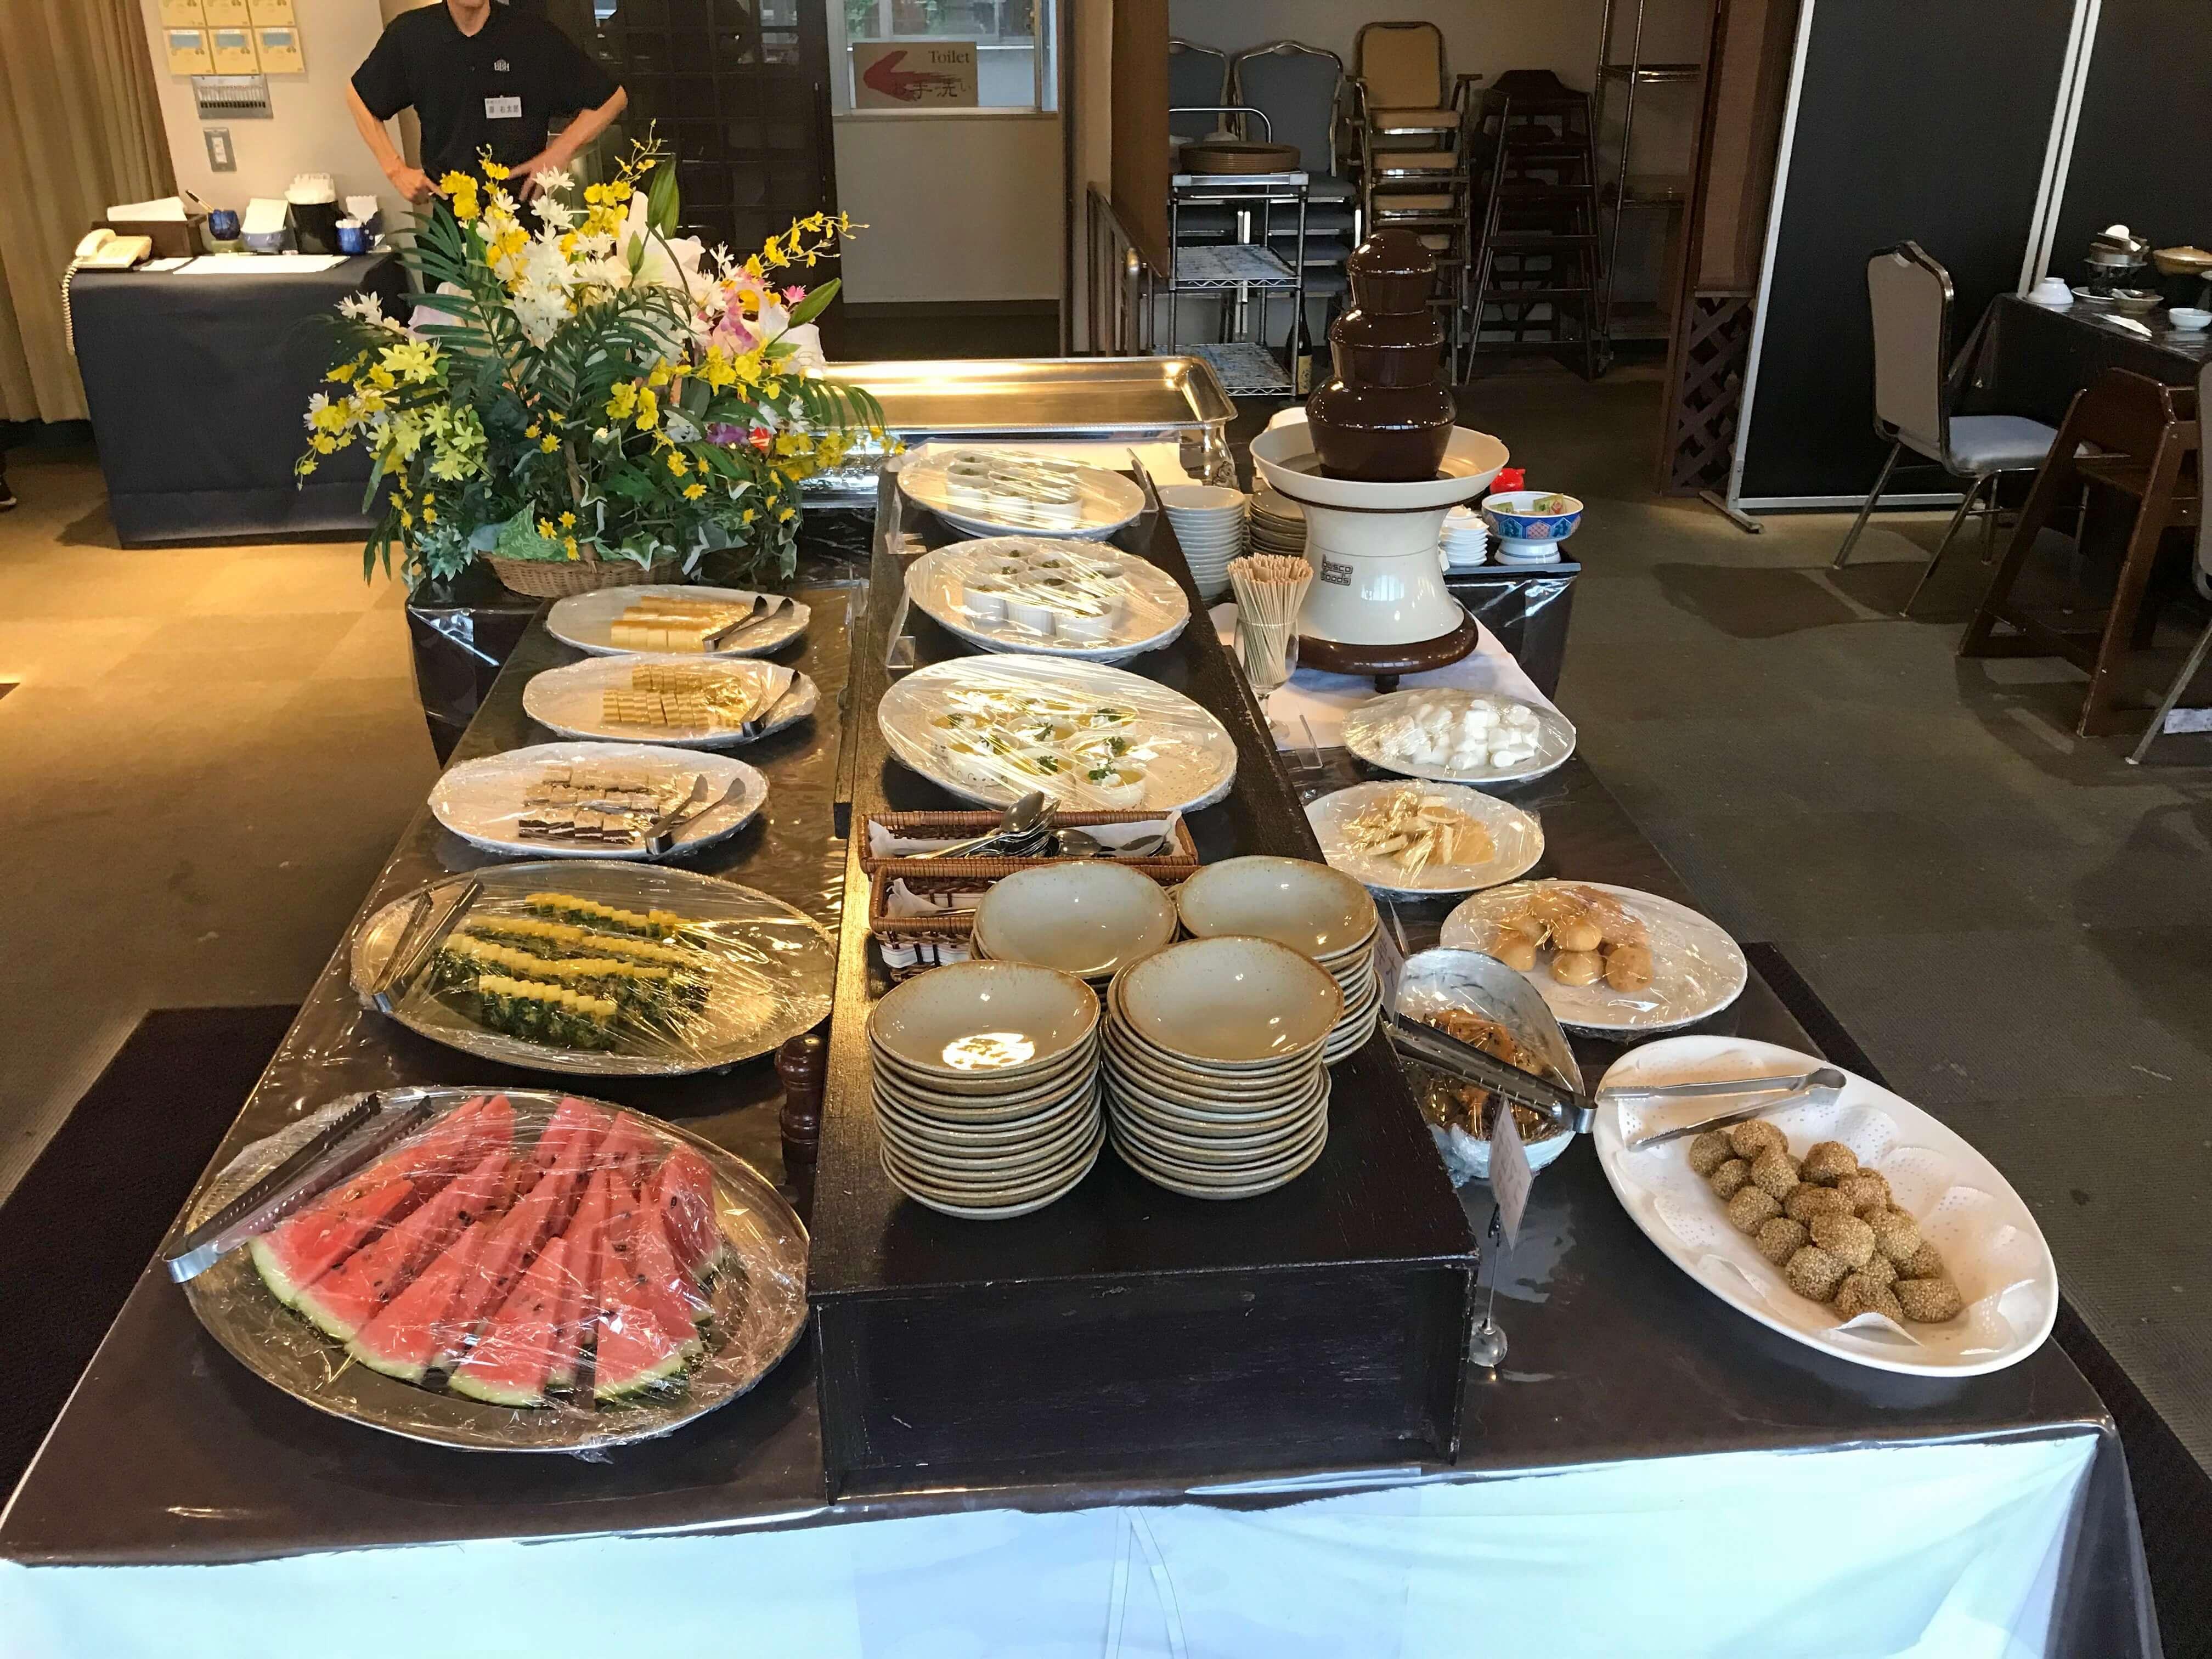 リゾートバイトで料理を並べるのを説明した画像